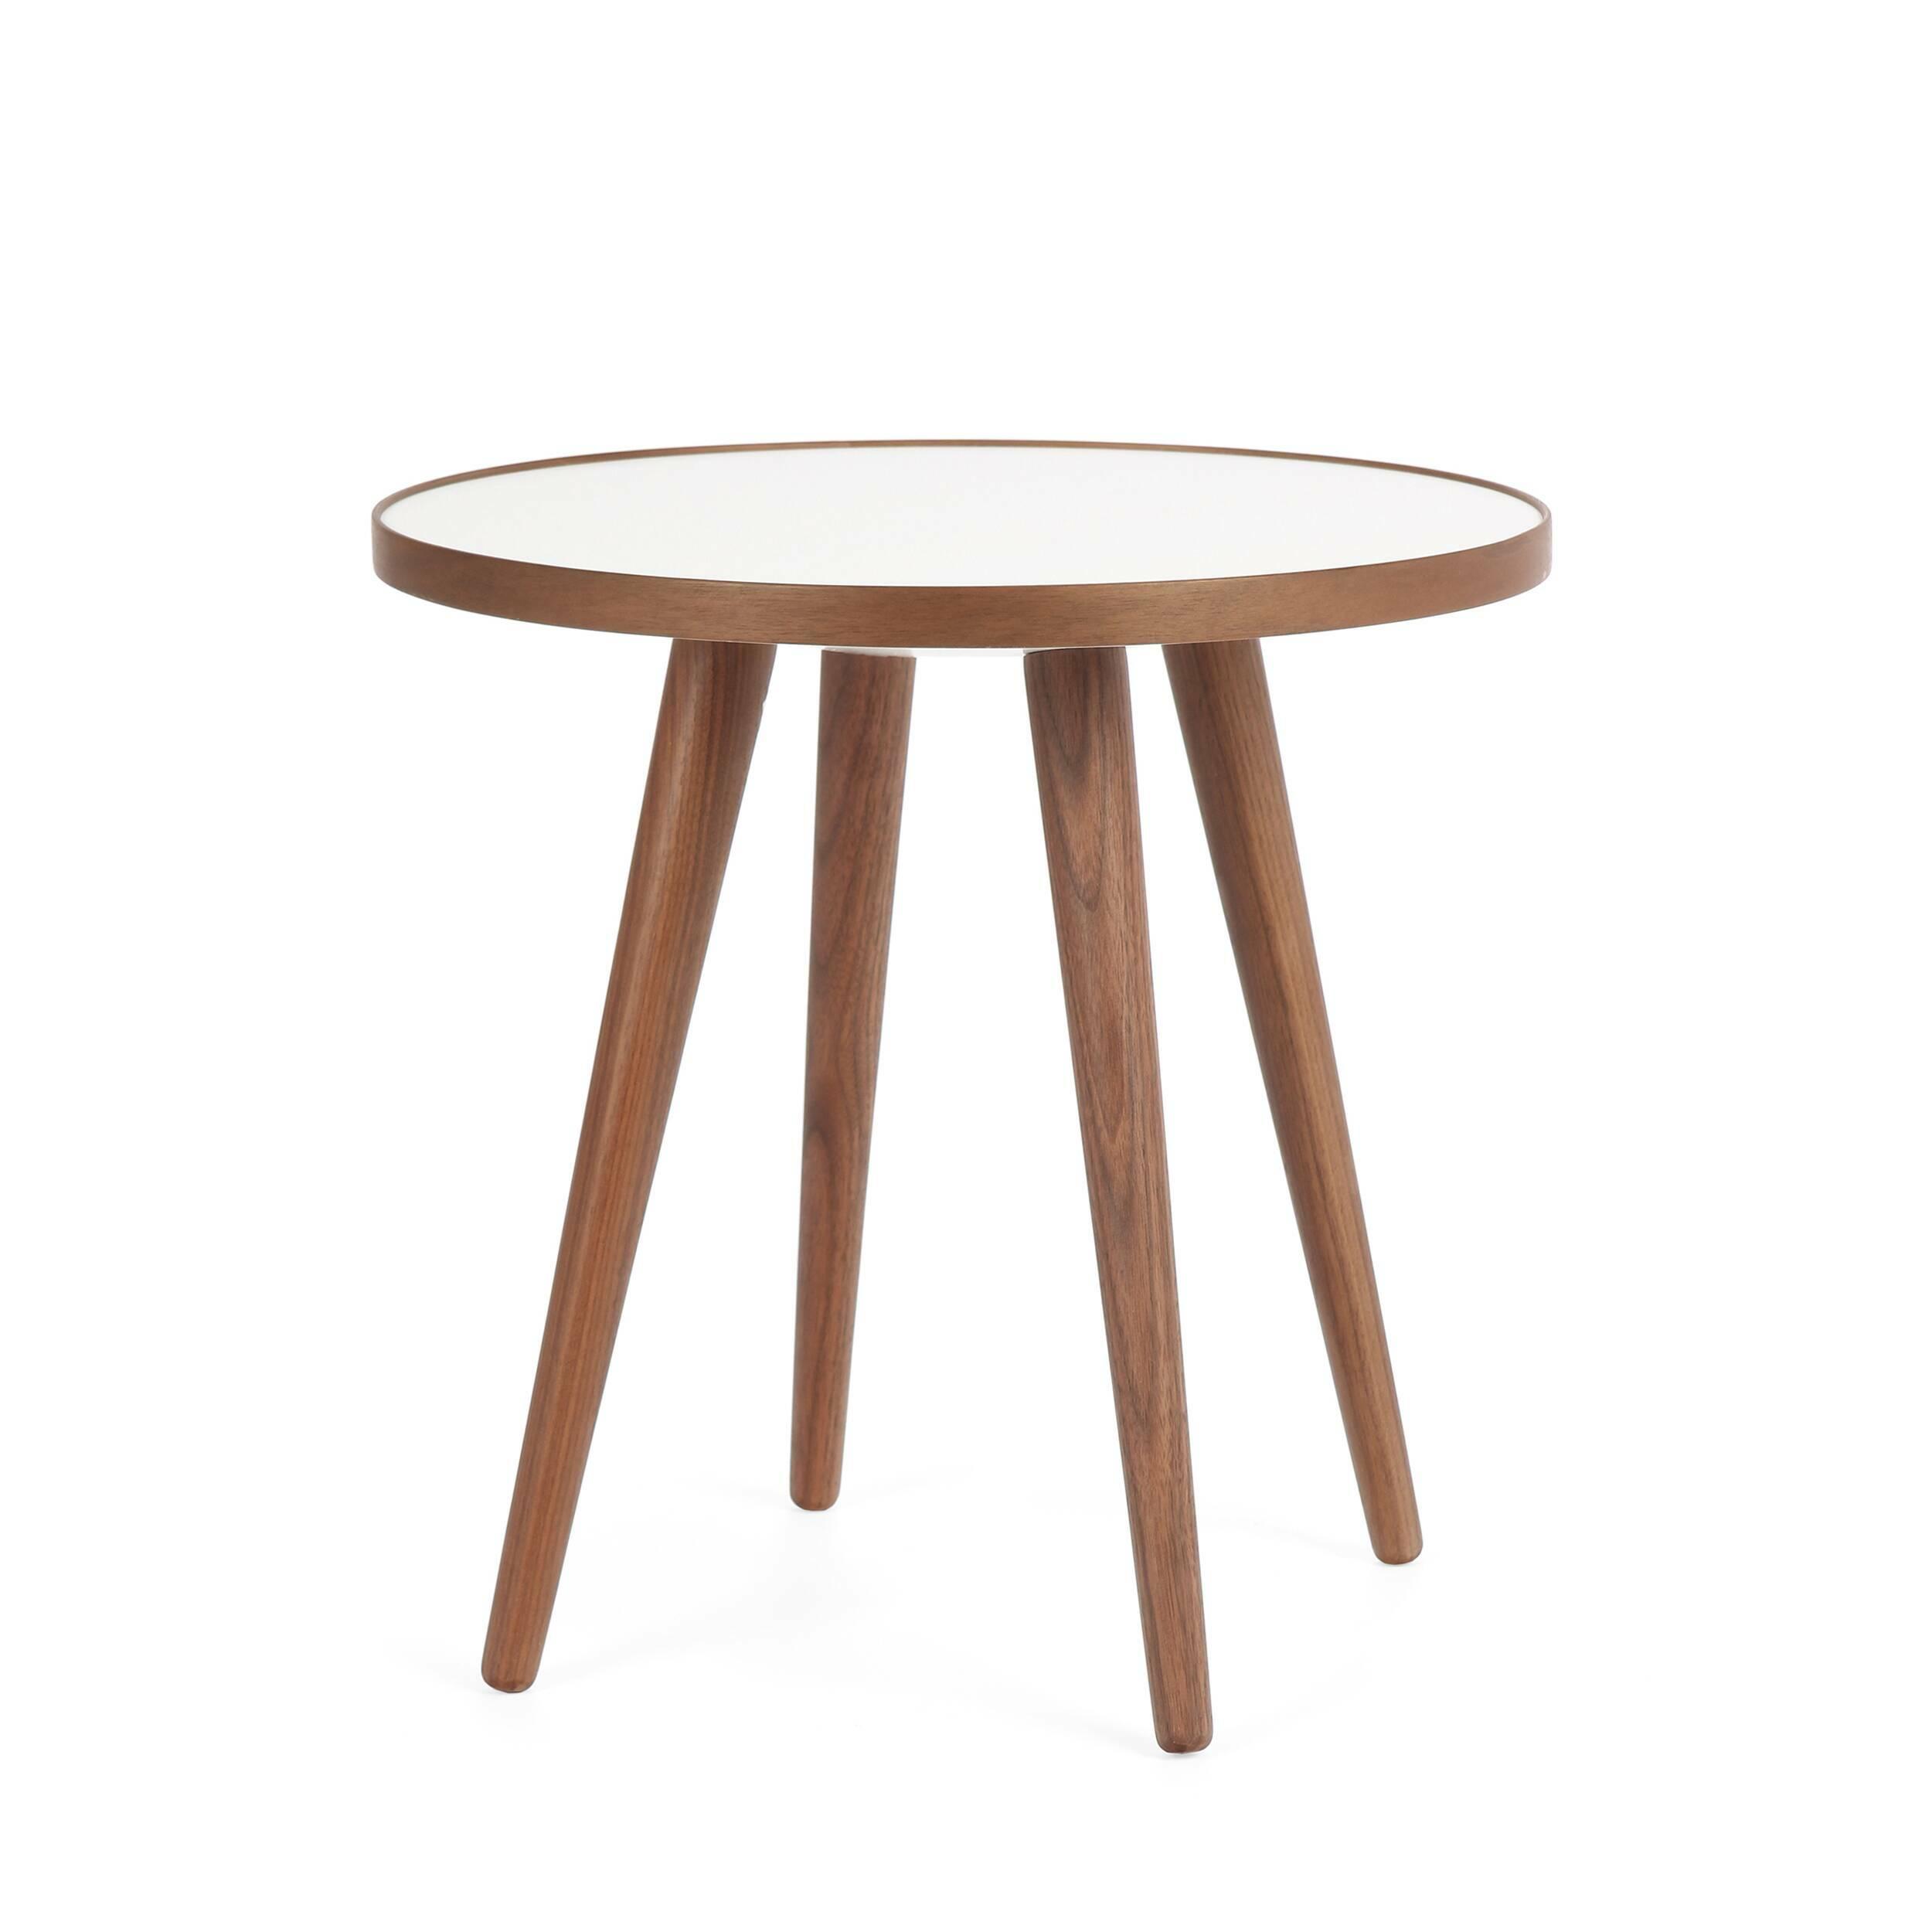 Кофейный стол Sputnik высота 40 диаметр 41Кофейные столики<br>Простые и чистые линии, интегрированные в ваш интерьер. Классическая столешница в форме круга добавляет красоты и изящества этому столу, который сочетается с разнообразными вариантами интерьерных стилей и может быть использован как в домах, так и офисах. Четыре ножки от стола вкручиваются в столешницу без специальных инструментов.<br><br><br> Кофейный стол Sputnik высота 40 диаметр 41, творение американского дизайнера с мировым именем Шона Дикса, обладает скульптурными качествами, при этом он у...<br><br>stock: 2<br>Высота: 40<br>Диаметр: 40.6<br>Цвет ножек: Орех американский<br>Цвет столешницы: Белый<br>Материал ножек: Массив ореха<br>Тип материала столешницы: Меламин<br>Тип материала ножек: Дерево